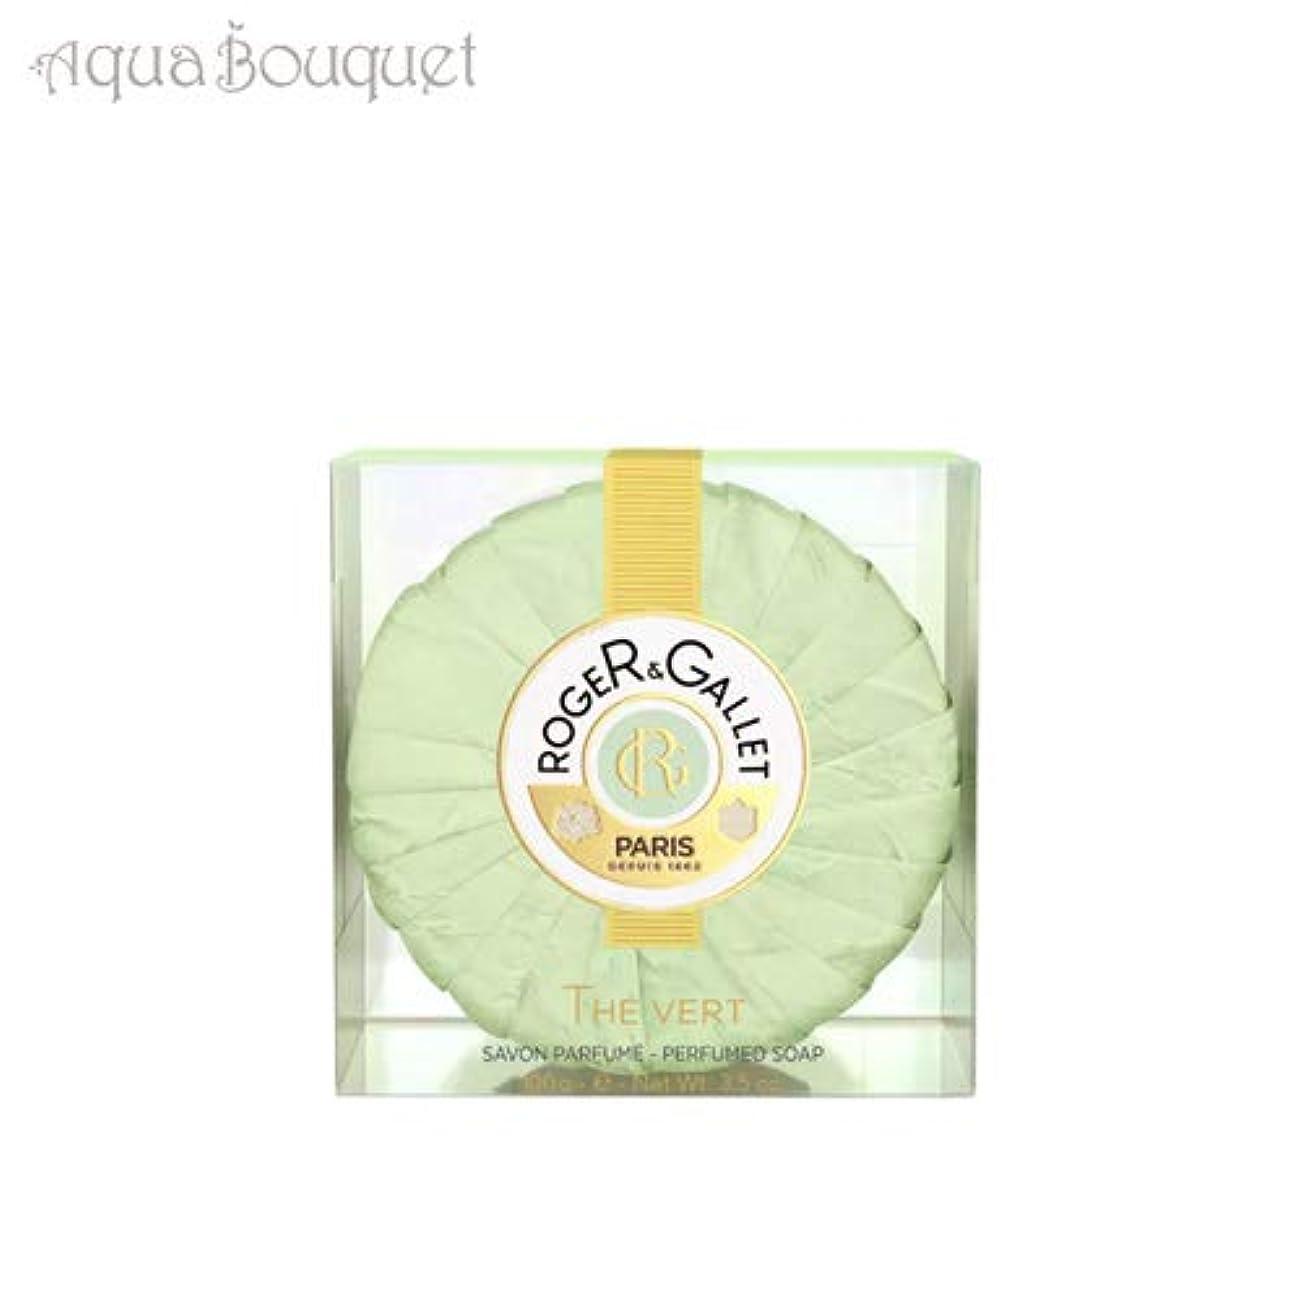 ピーク単独でロックロジェガレ グリーンティー ソープ(オーデ テ ヴェール) 香水石鹸 100g ROGER&GALLET EAU DE THE VERT (GREEN TEA) SOAP [9920] [並行輸入品]